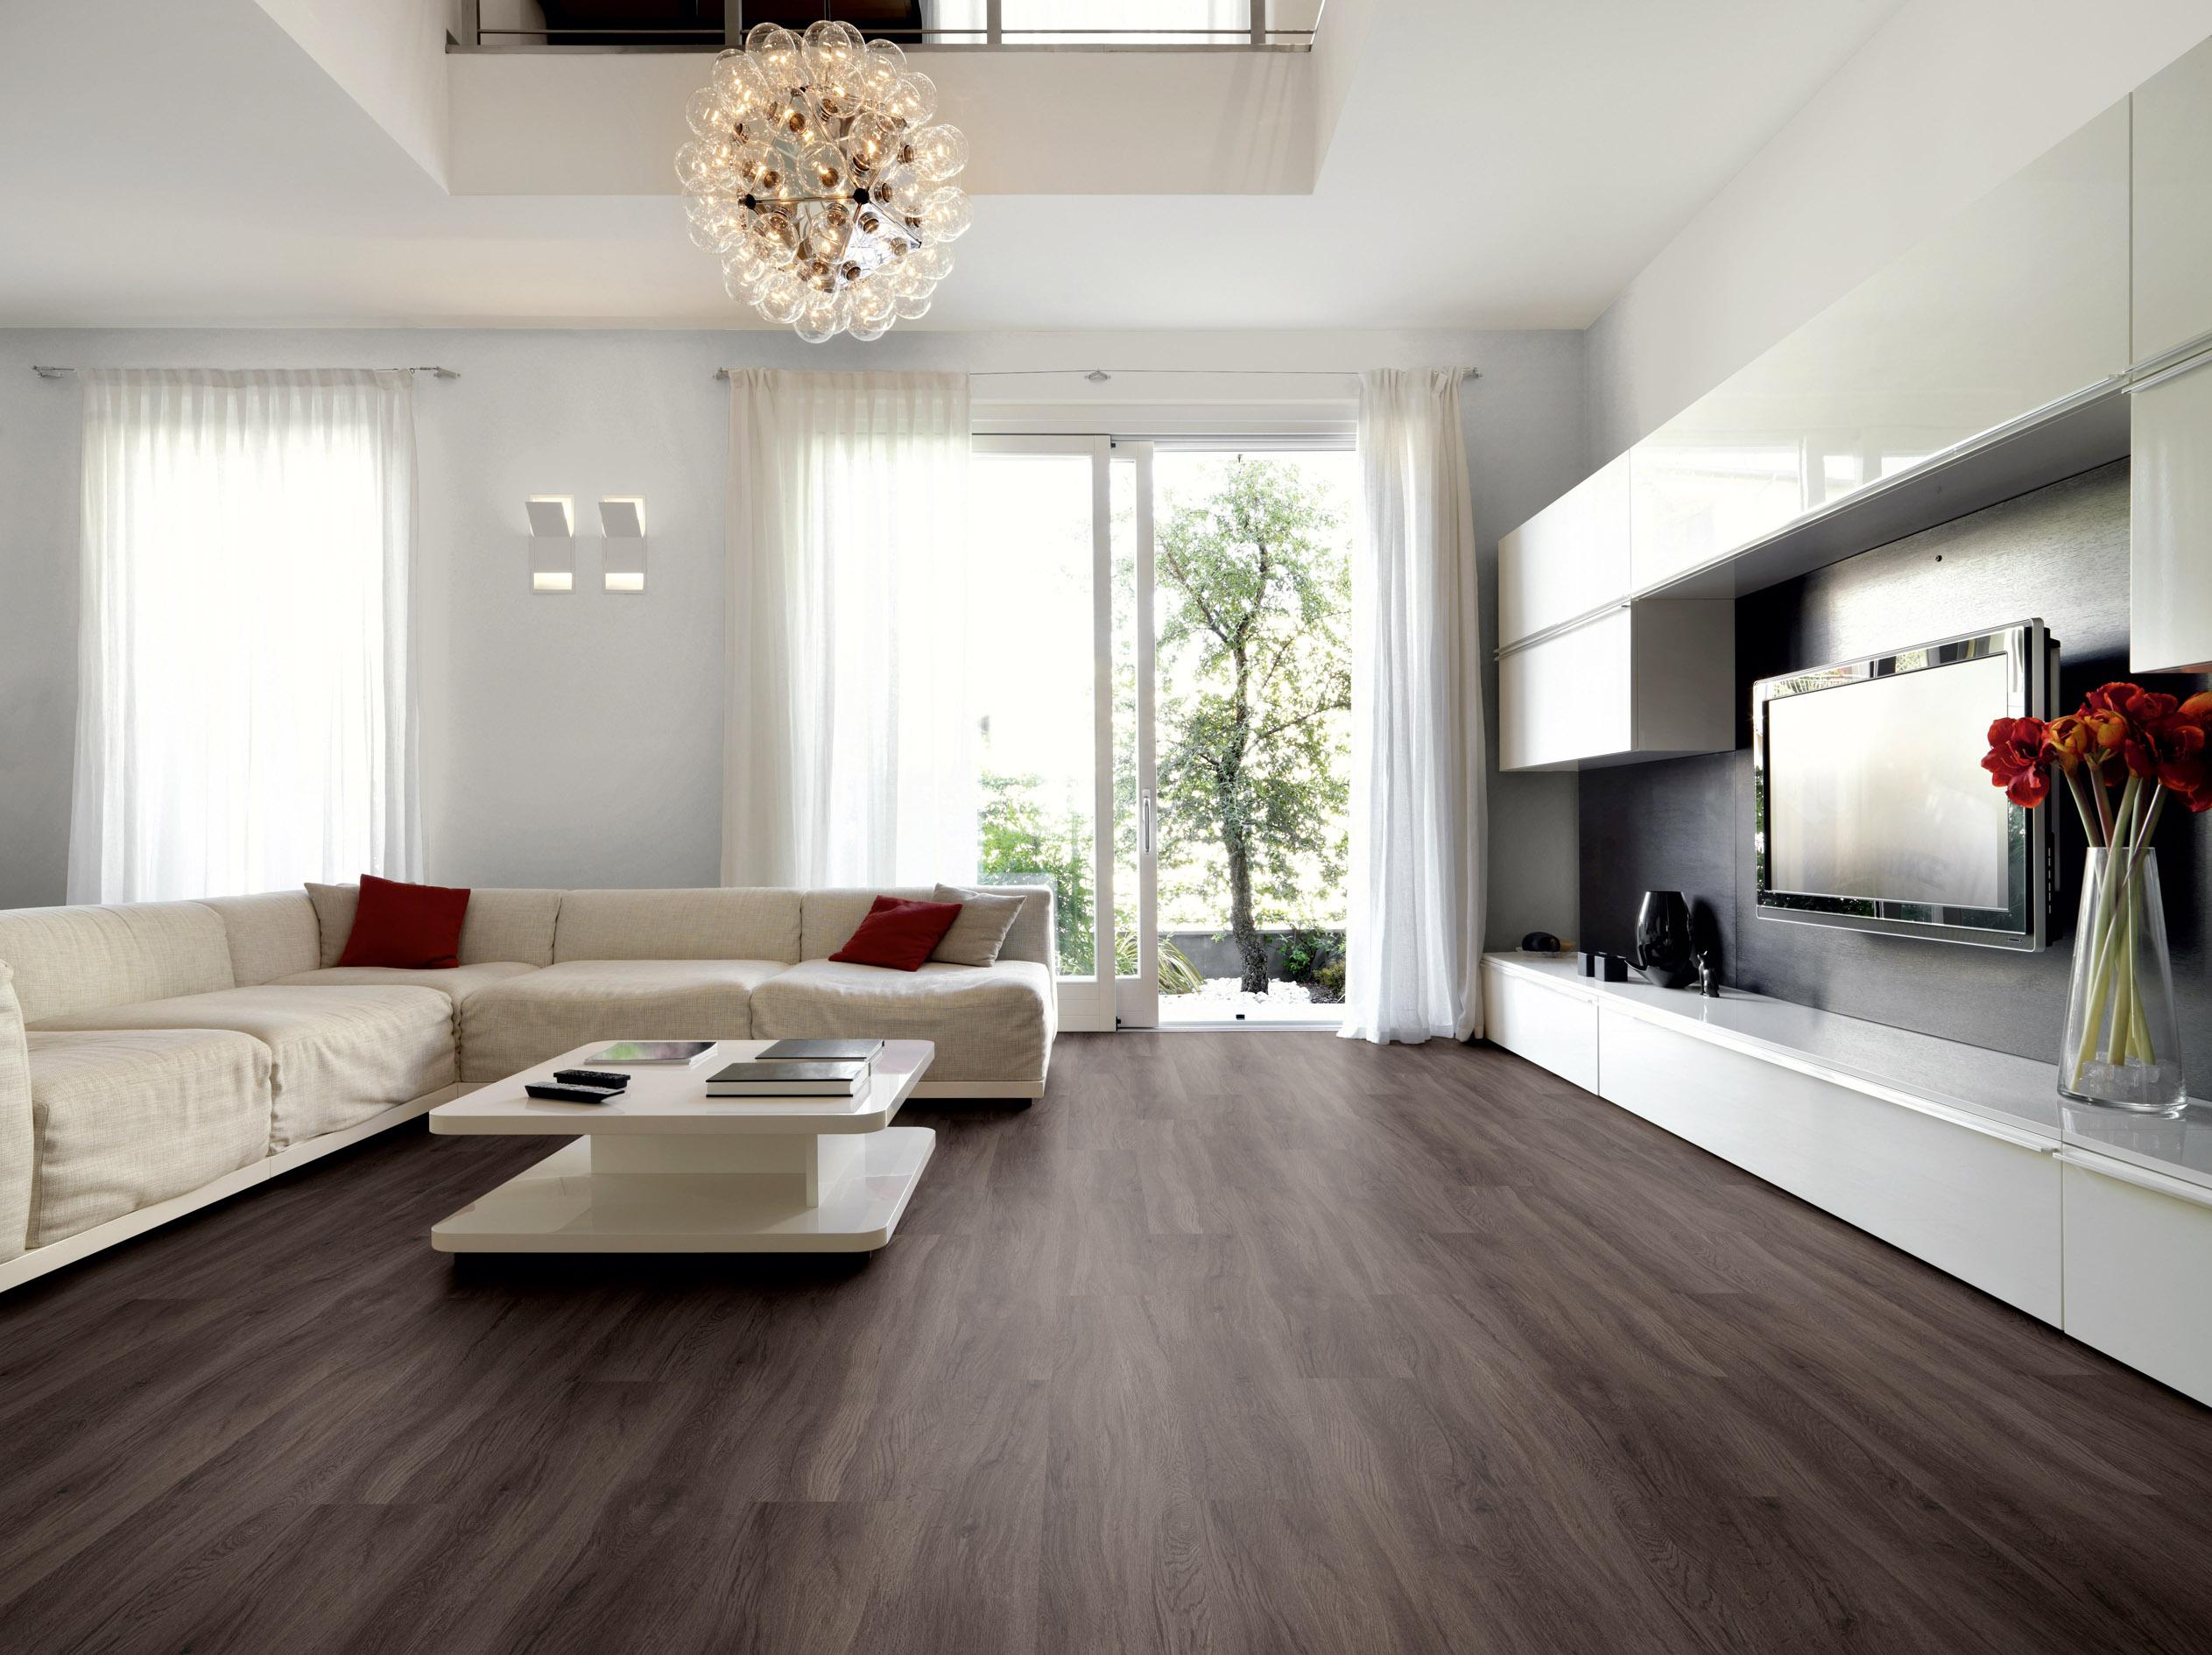 Pvc Vloeren Goedkoop : Pvc vloeren specialist kooijman helpt u aan een pvc vloer